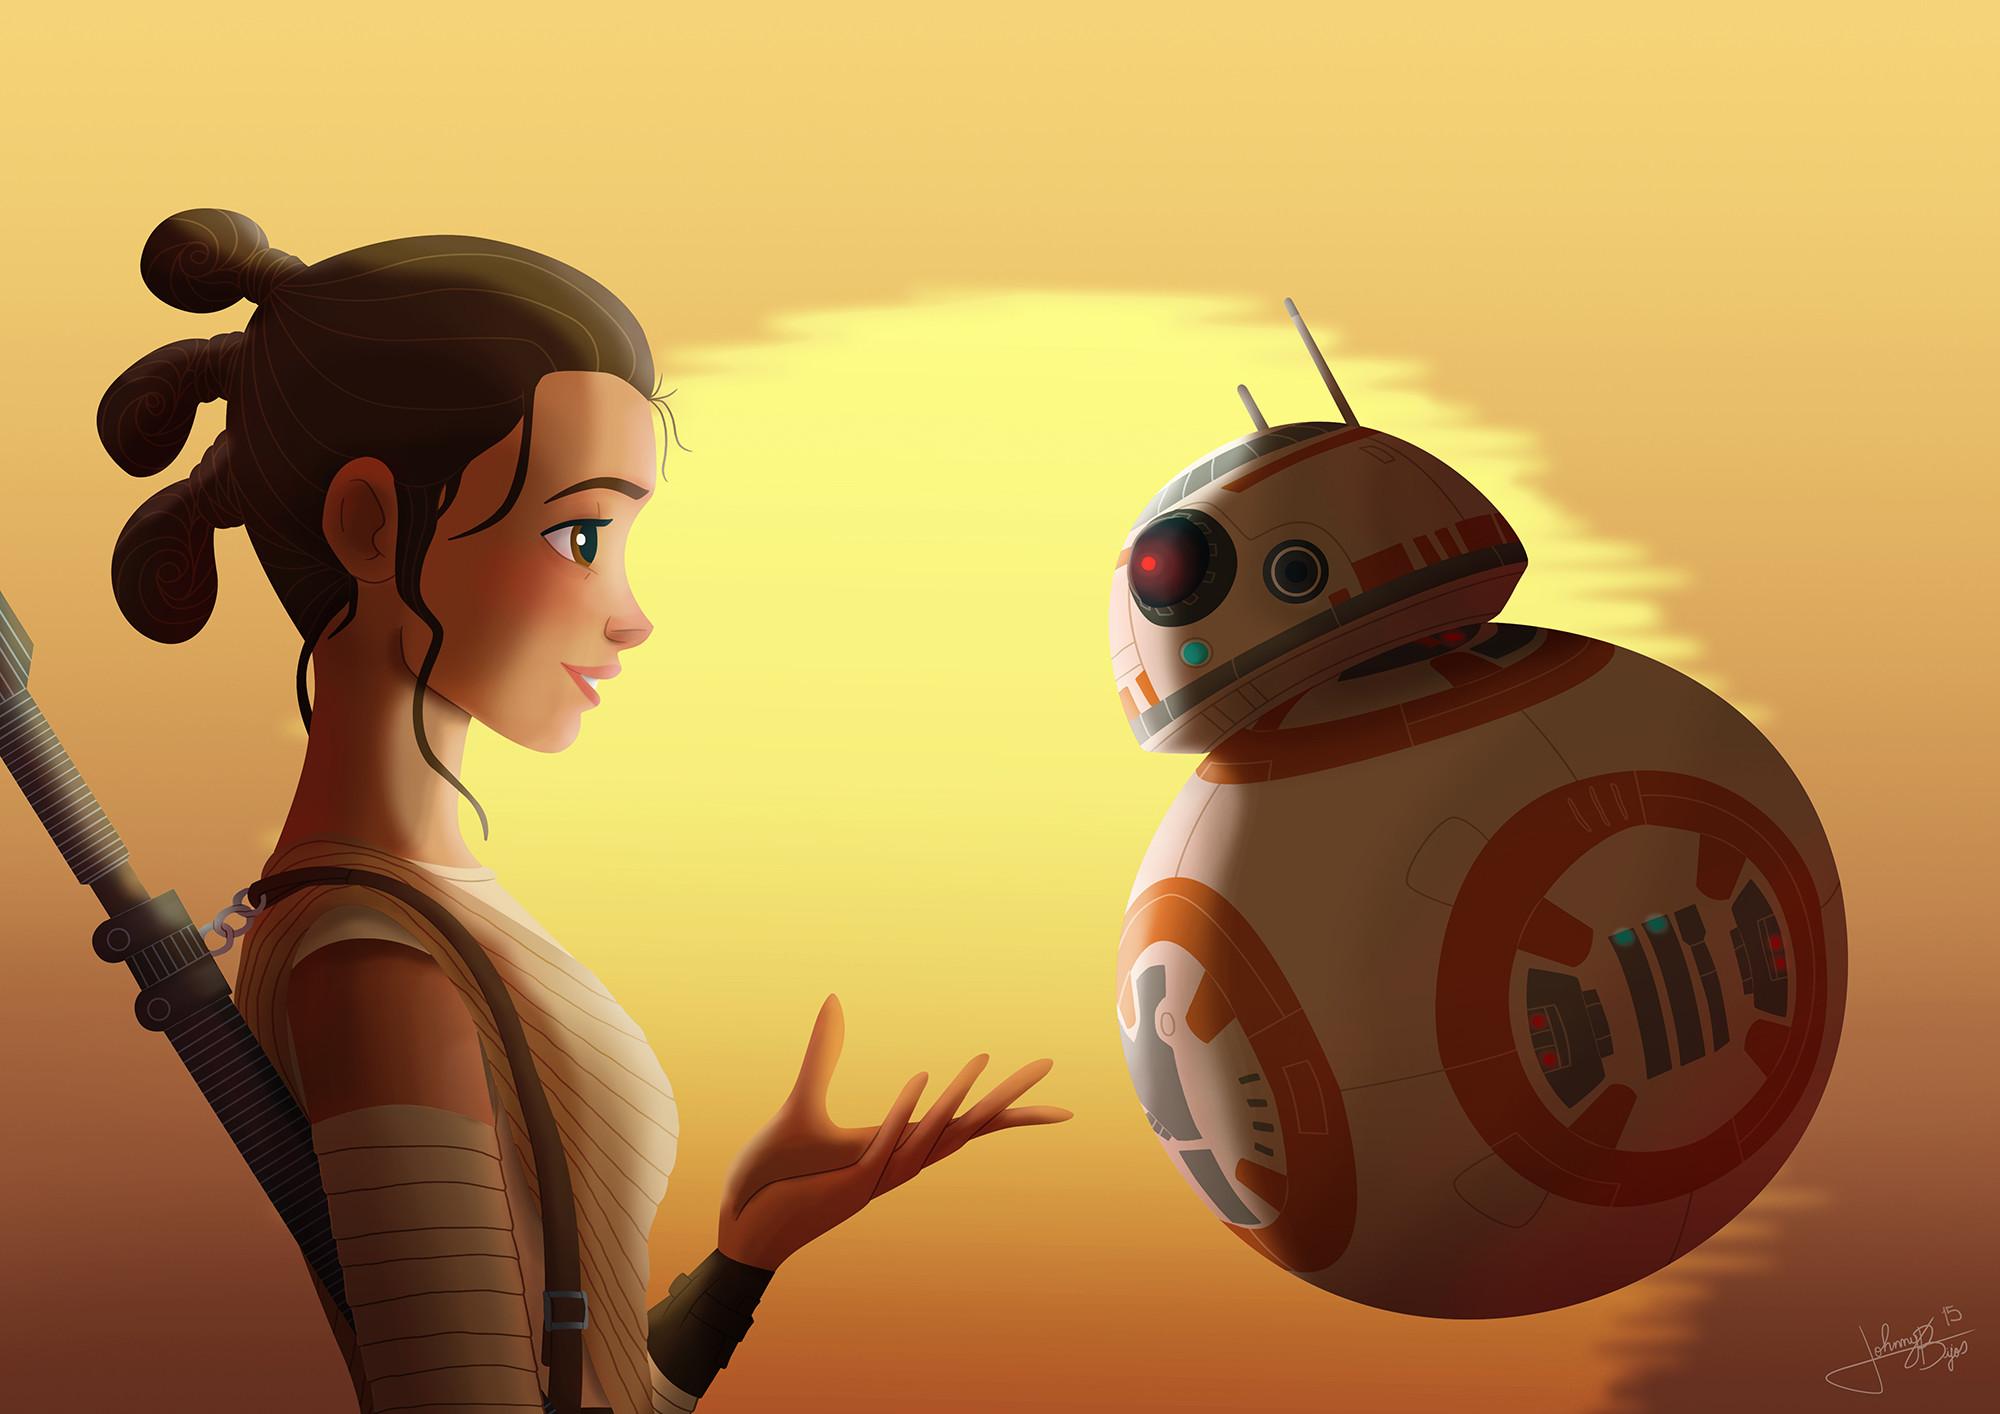 Movie – Star Wars Episode VII: The Force Awakens BB-8 Rey (Star